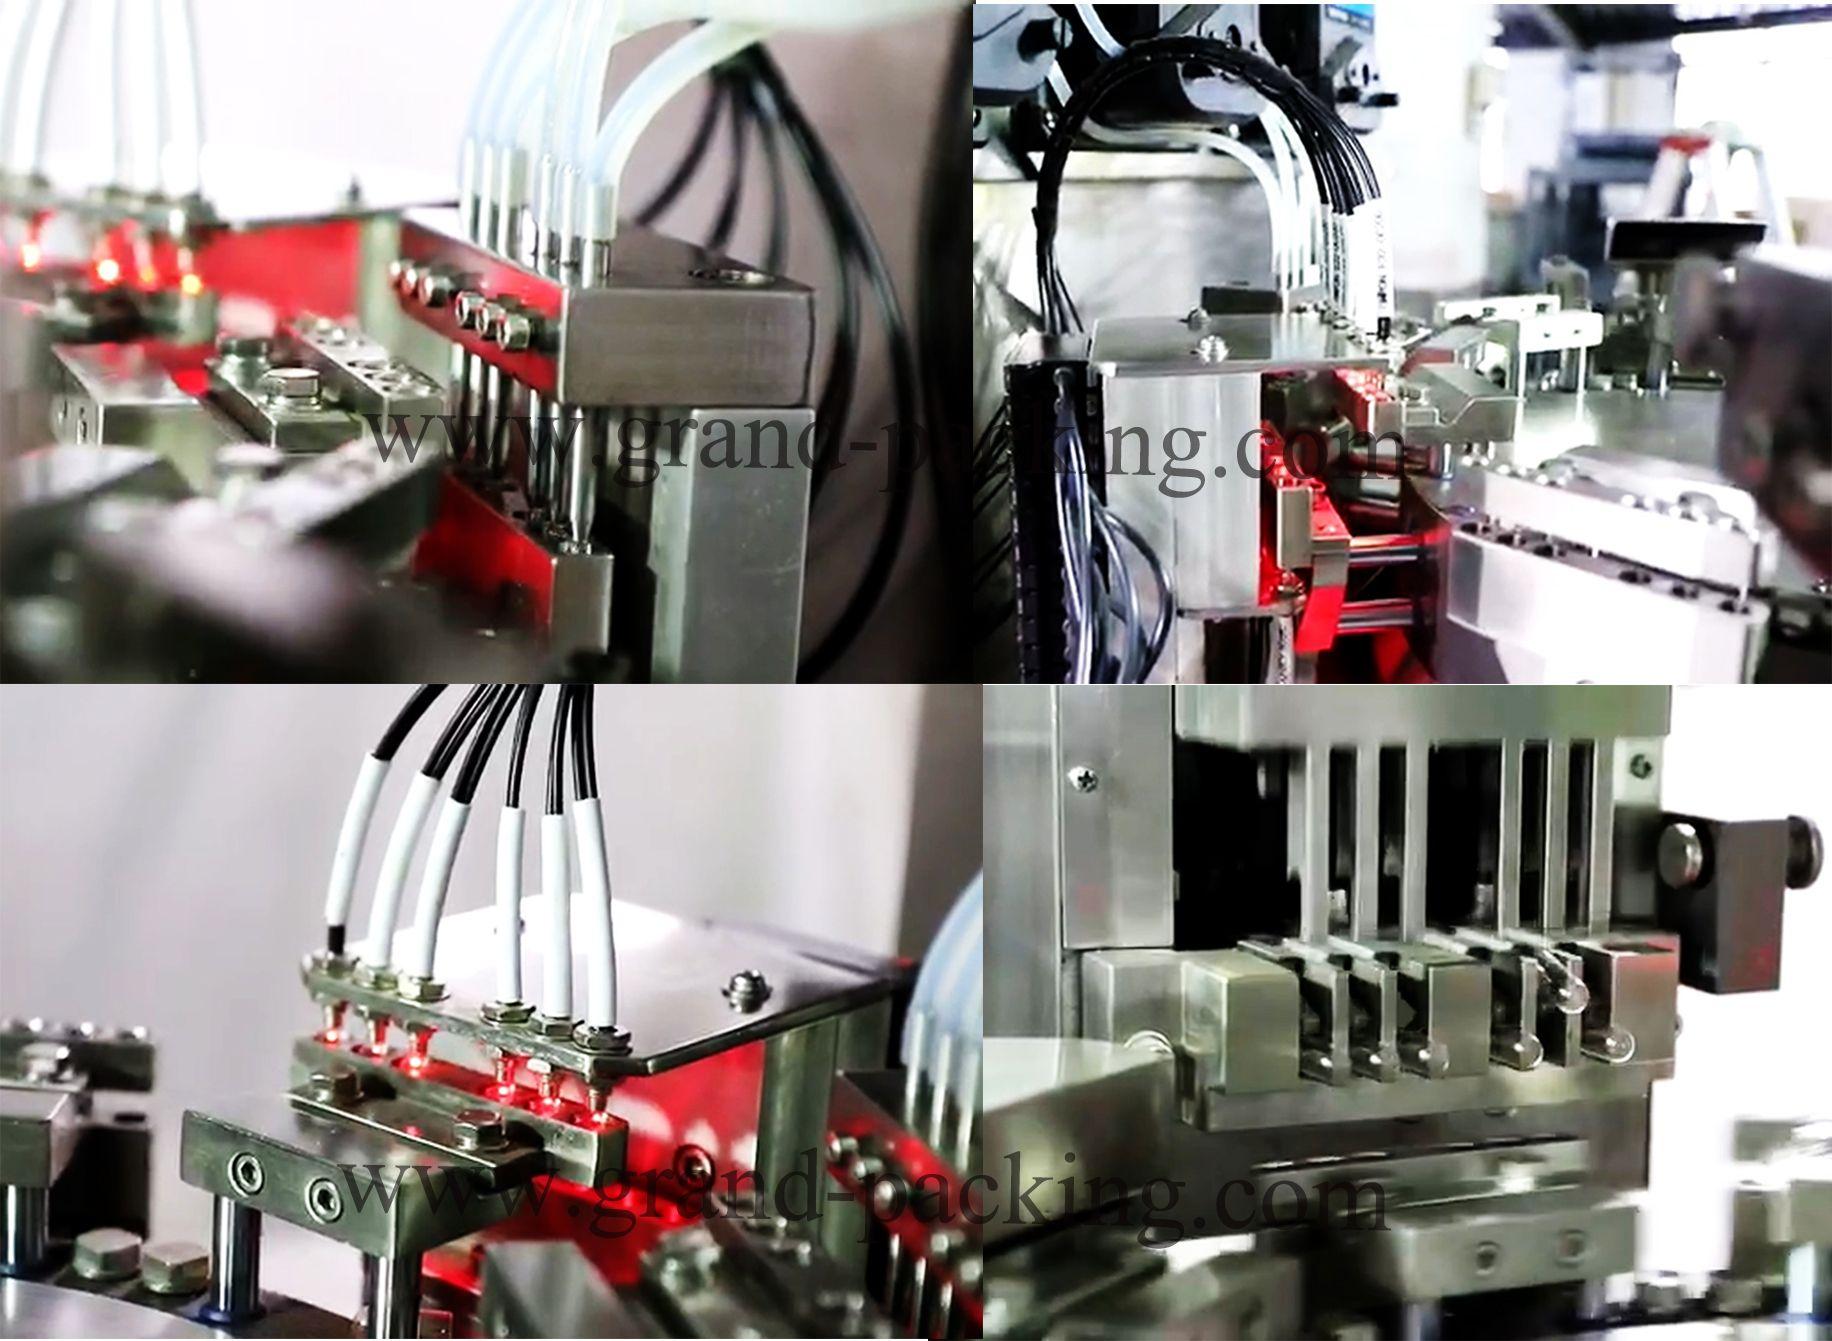 Automatic Capsule Filling Machine Liquid Capsule Filling Machine Capsule Filling Machine Semi Automatic Pill Capsule Filli Machine Capsule Espresso Machine